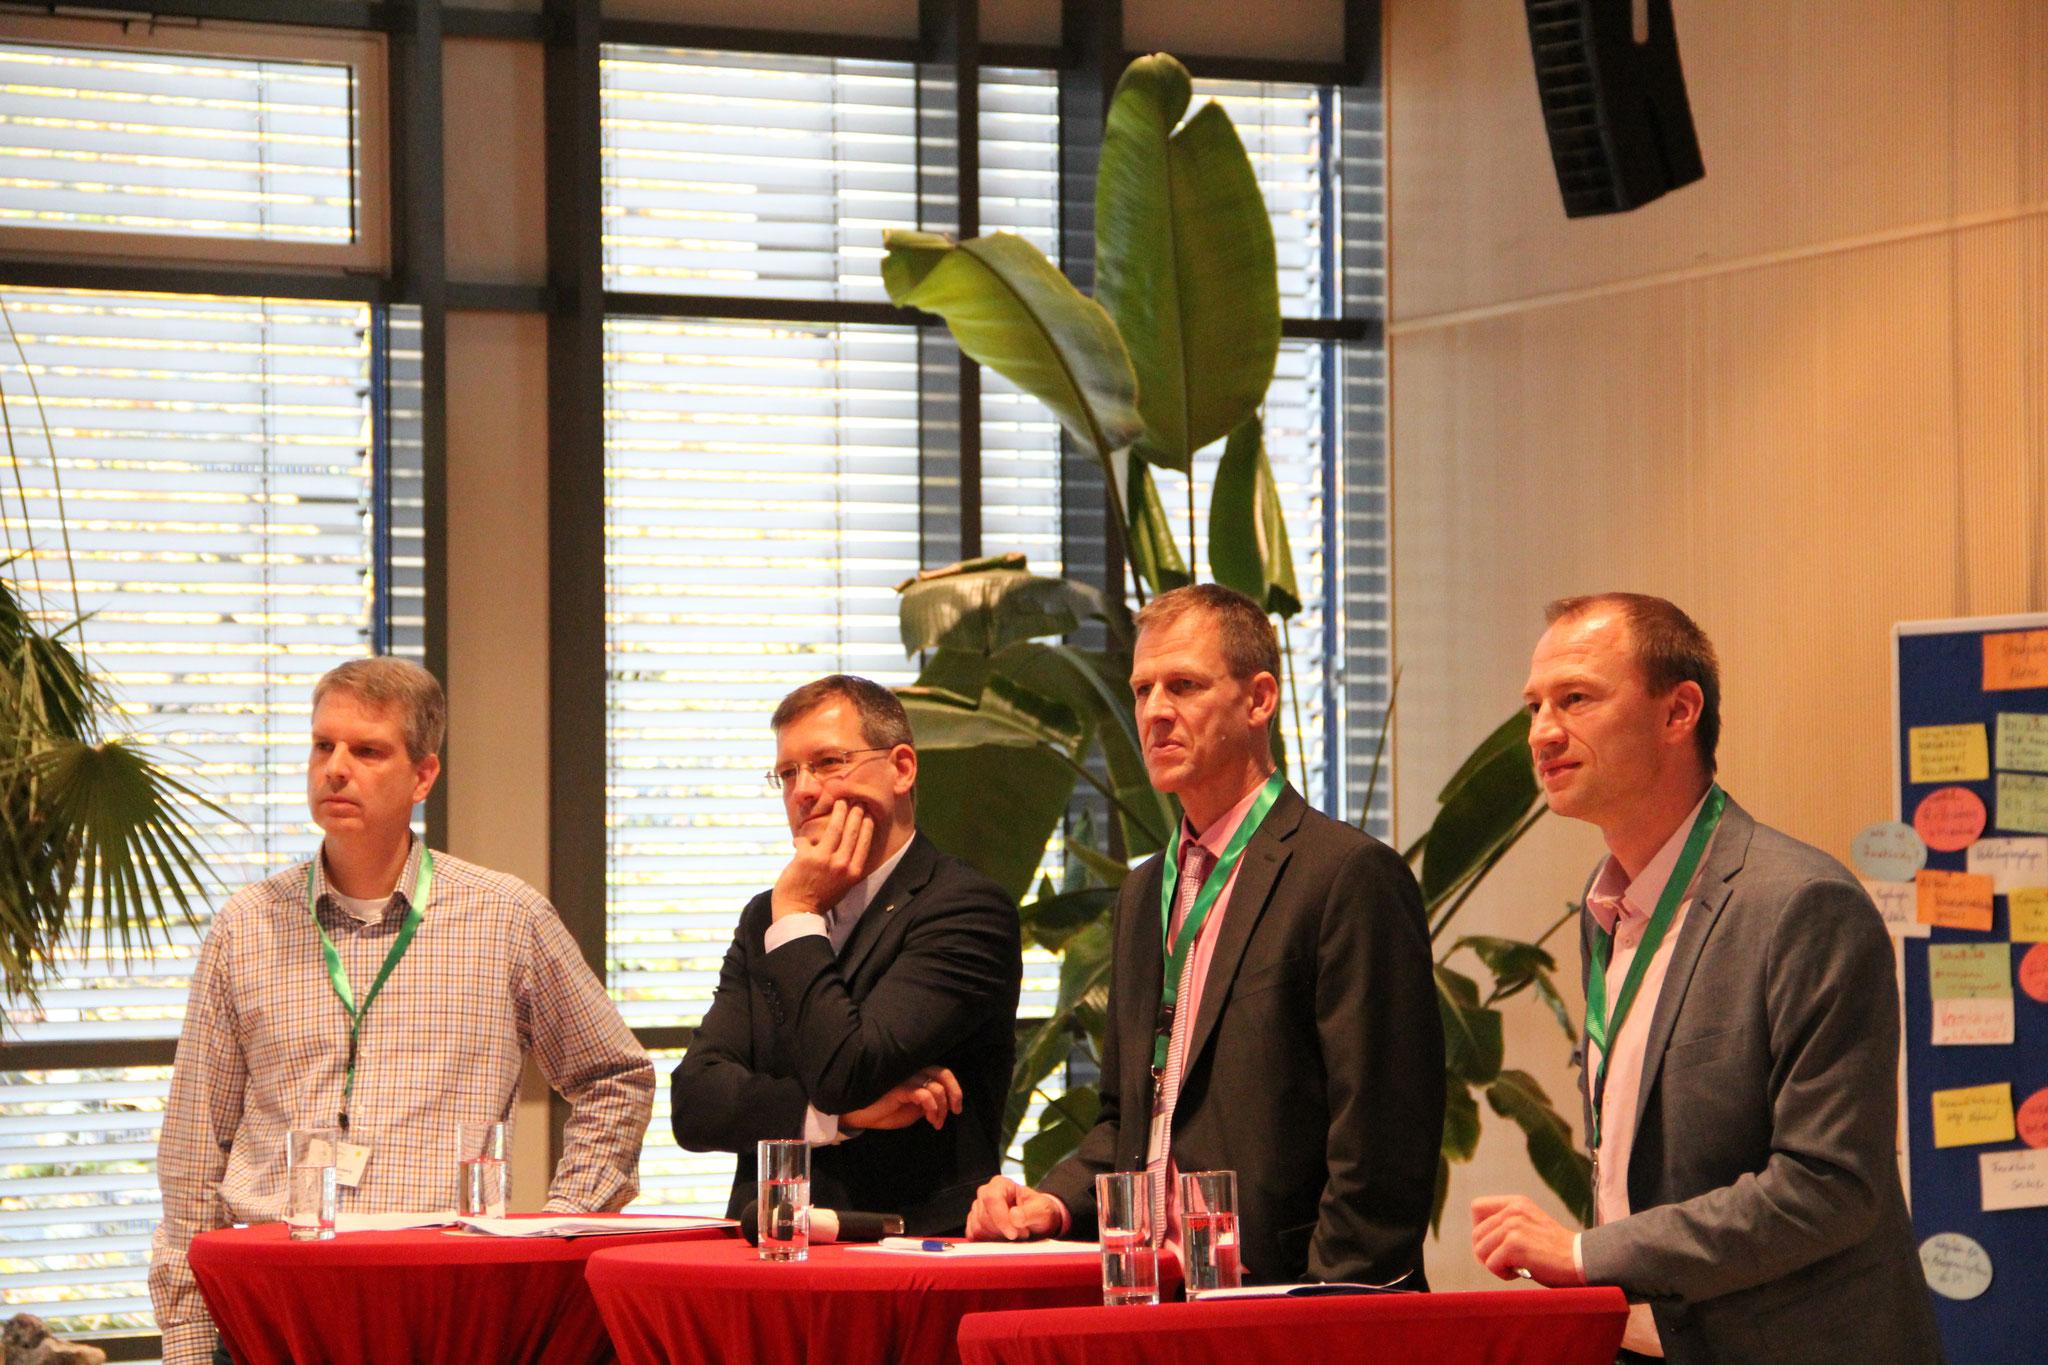 Podiumsdiskussion unter Leitung von Dr. Tobias Grünberg